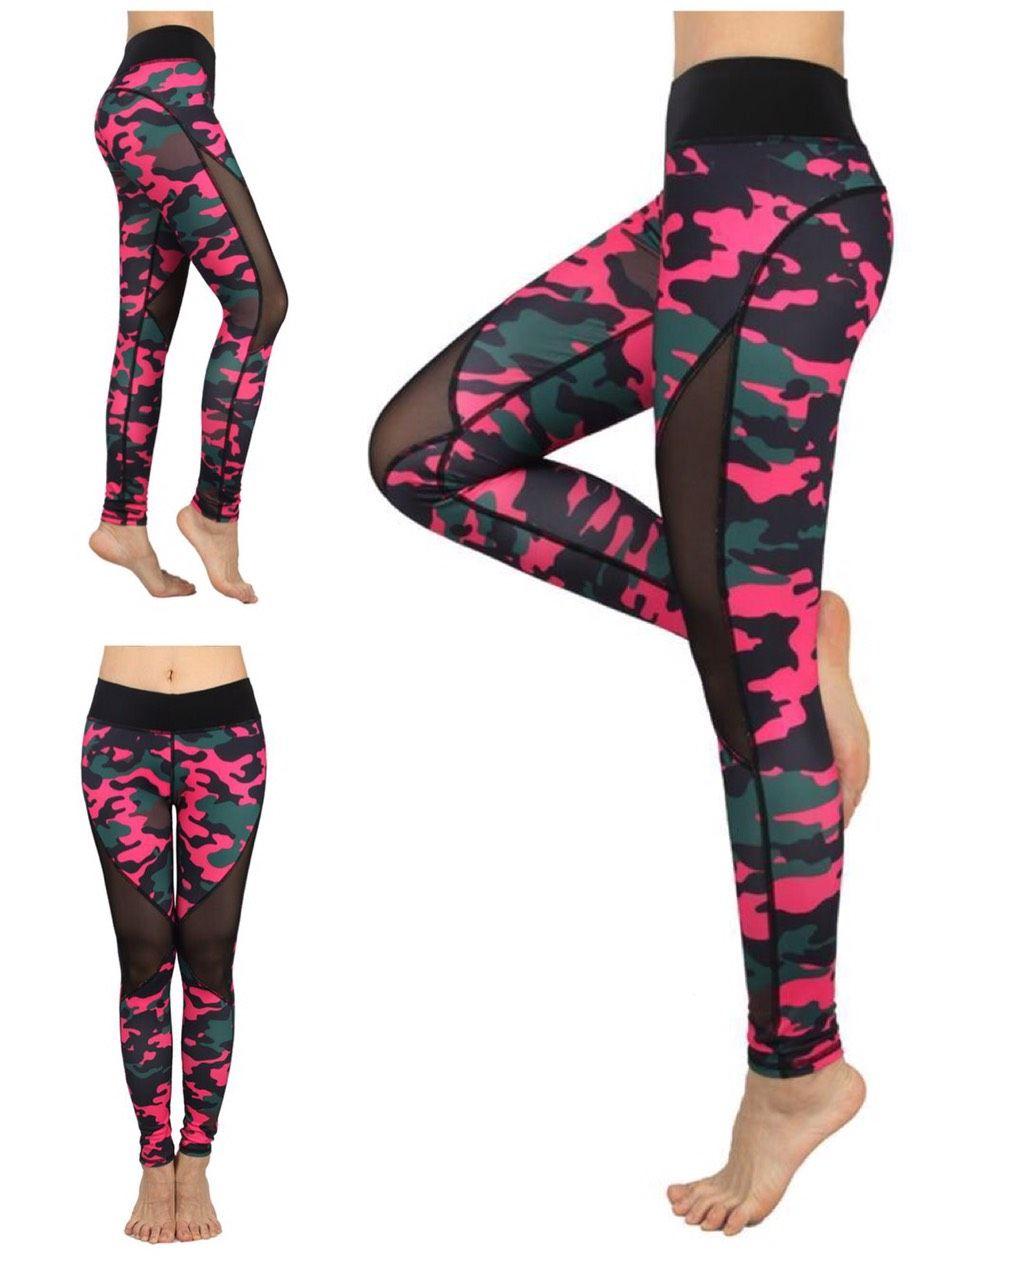 6106d801edc7e Mesh Camouflage Leggings in 2019 | Workout, Fitness, Yoga Leggings ...